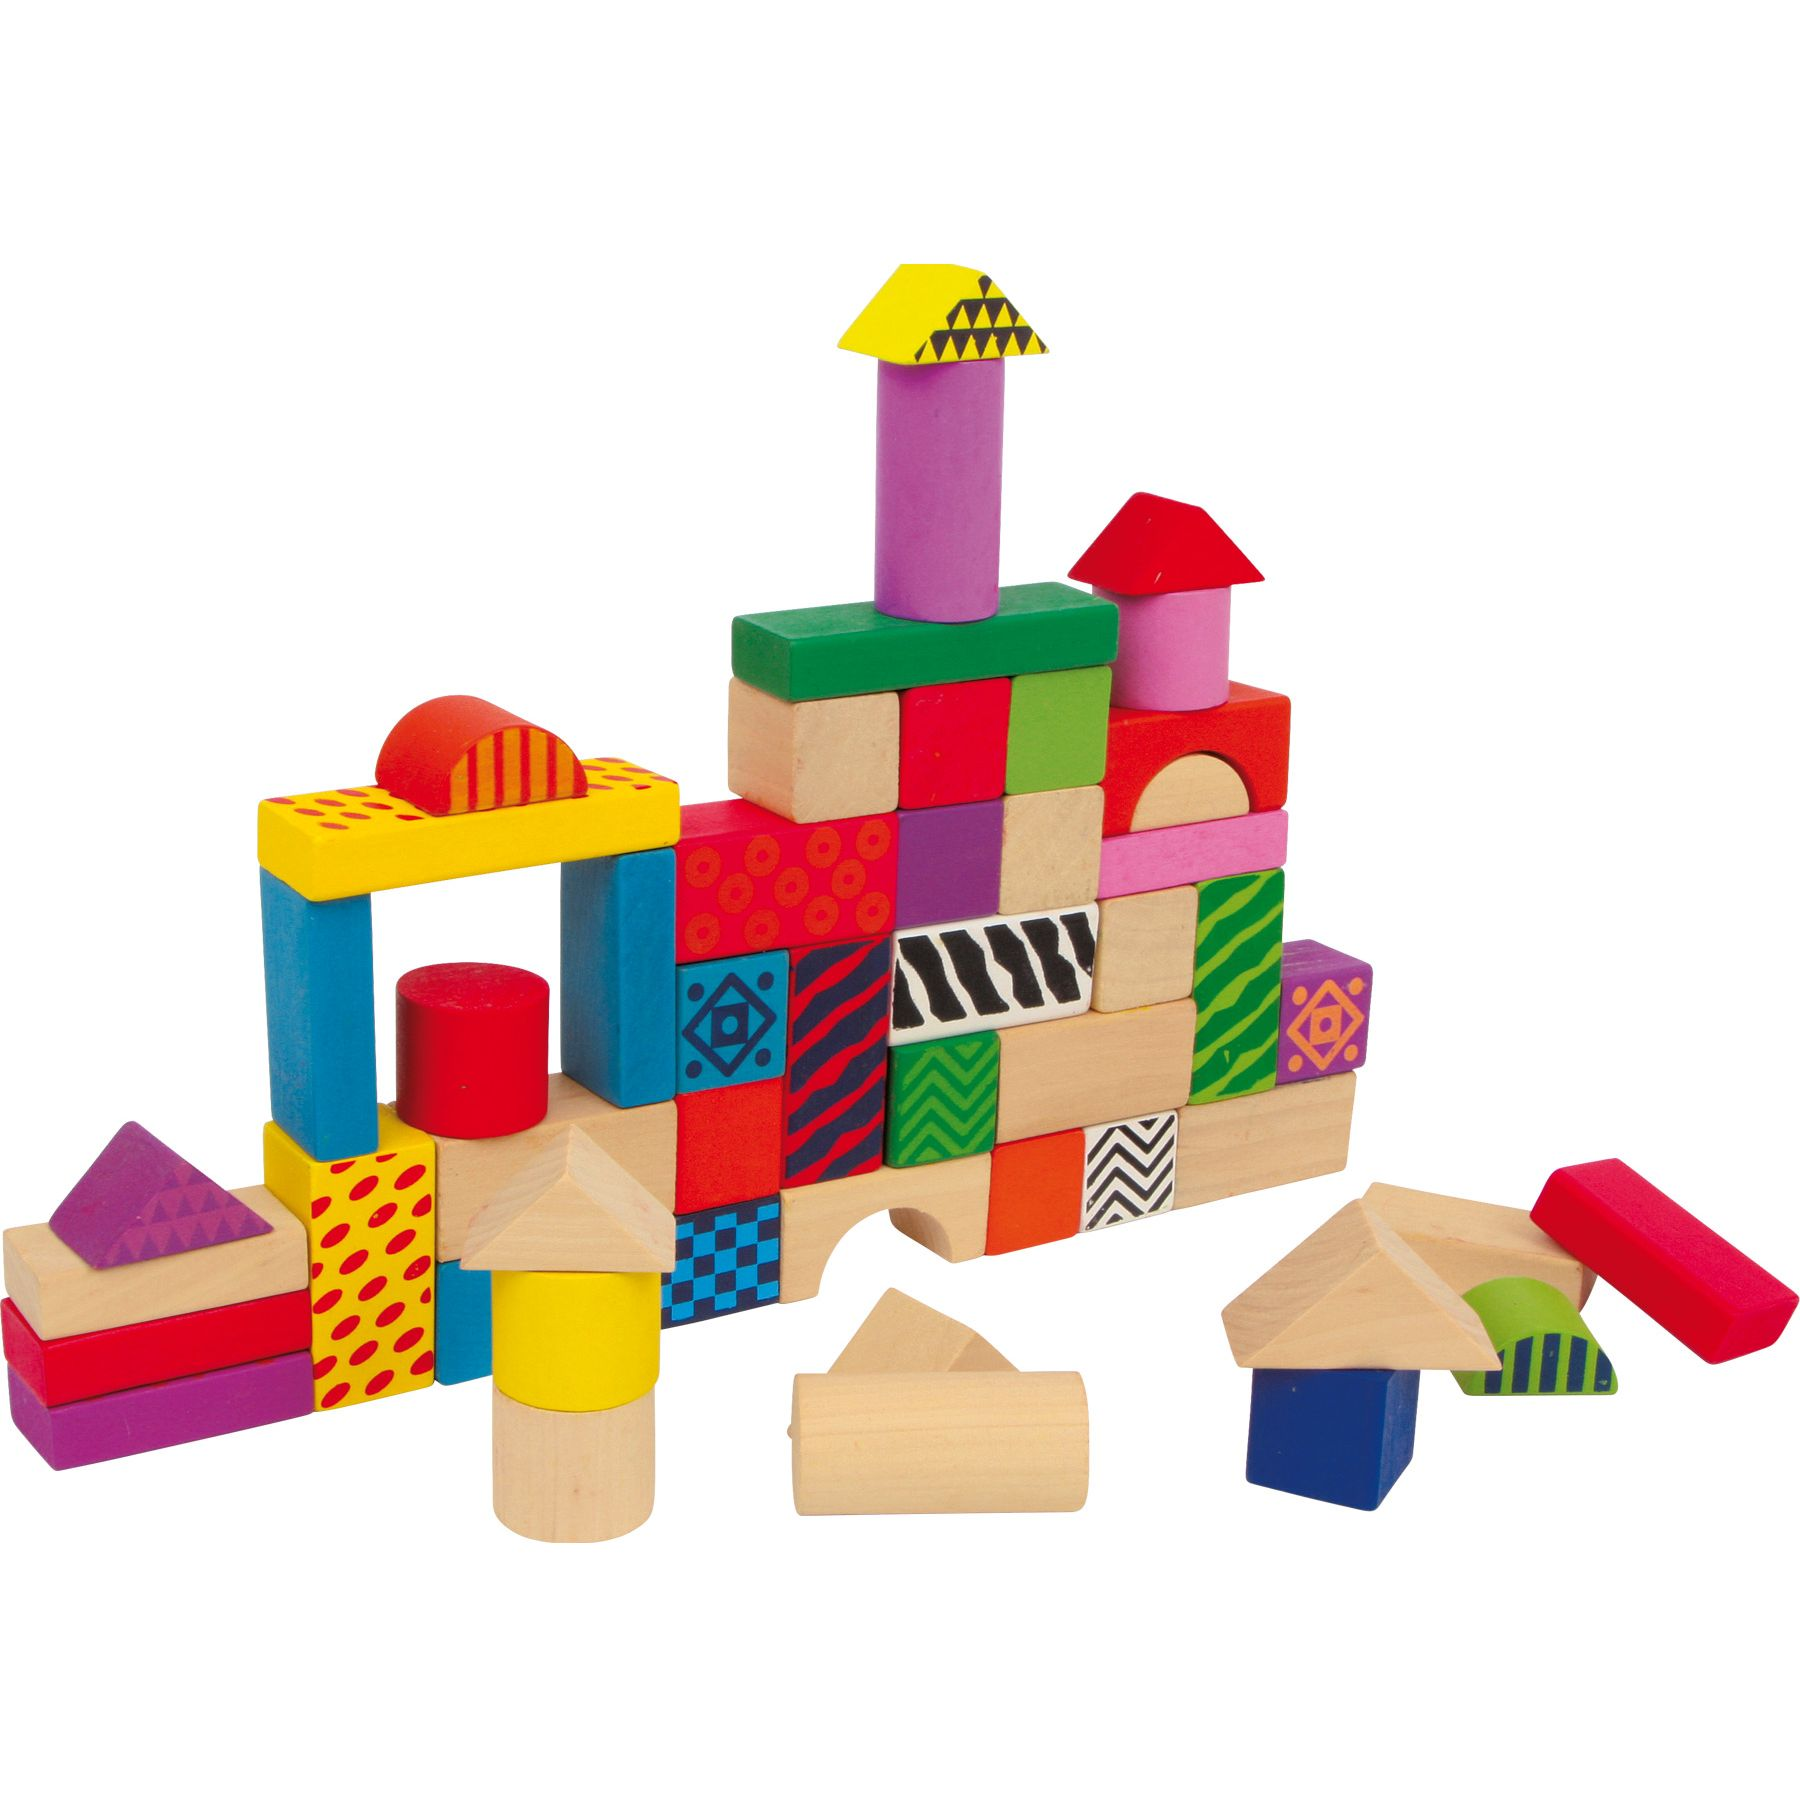 Jeux, Jouets Lelgler - Small foot Blocs de construction en bois